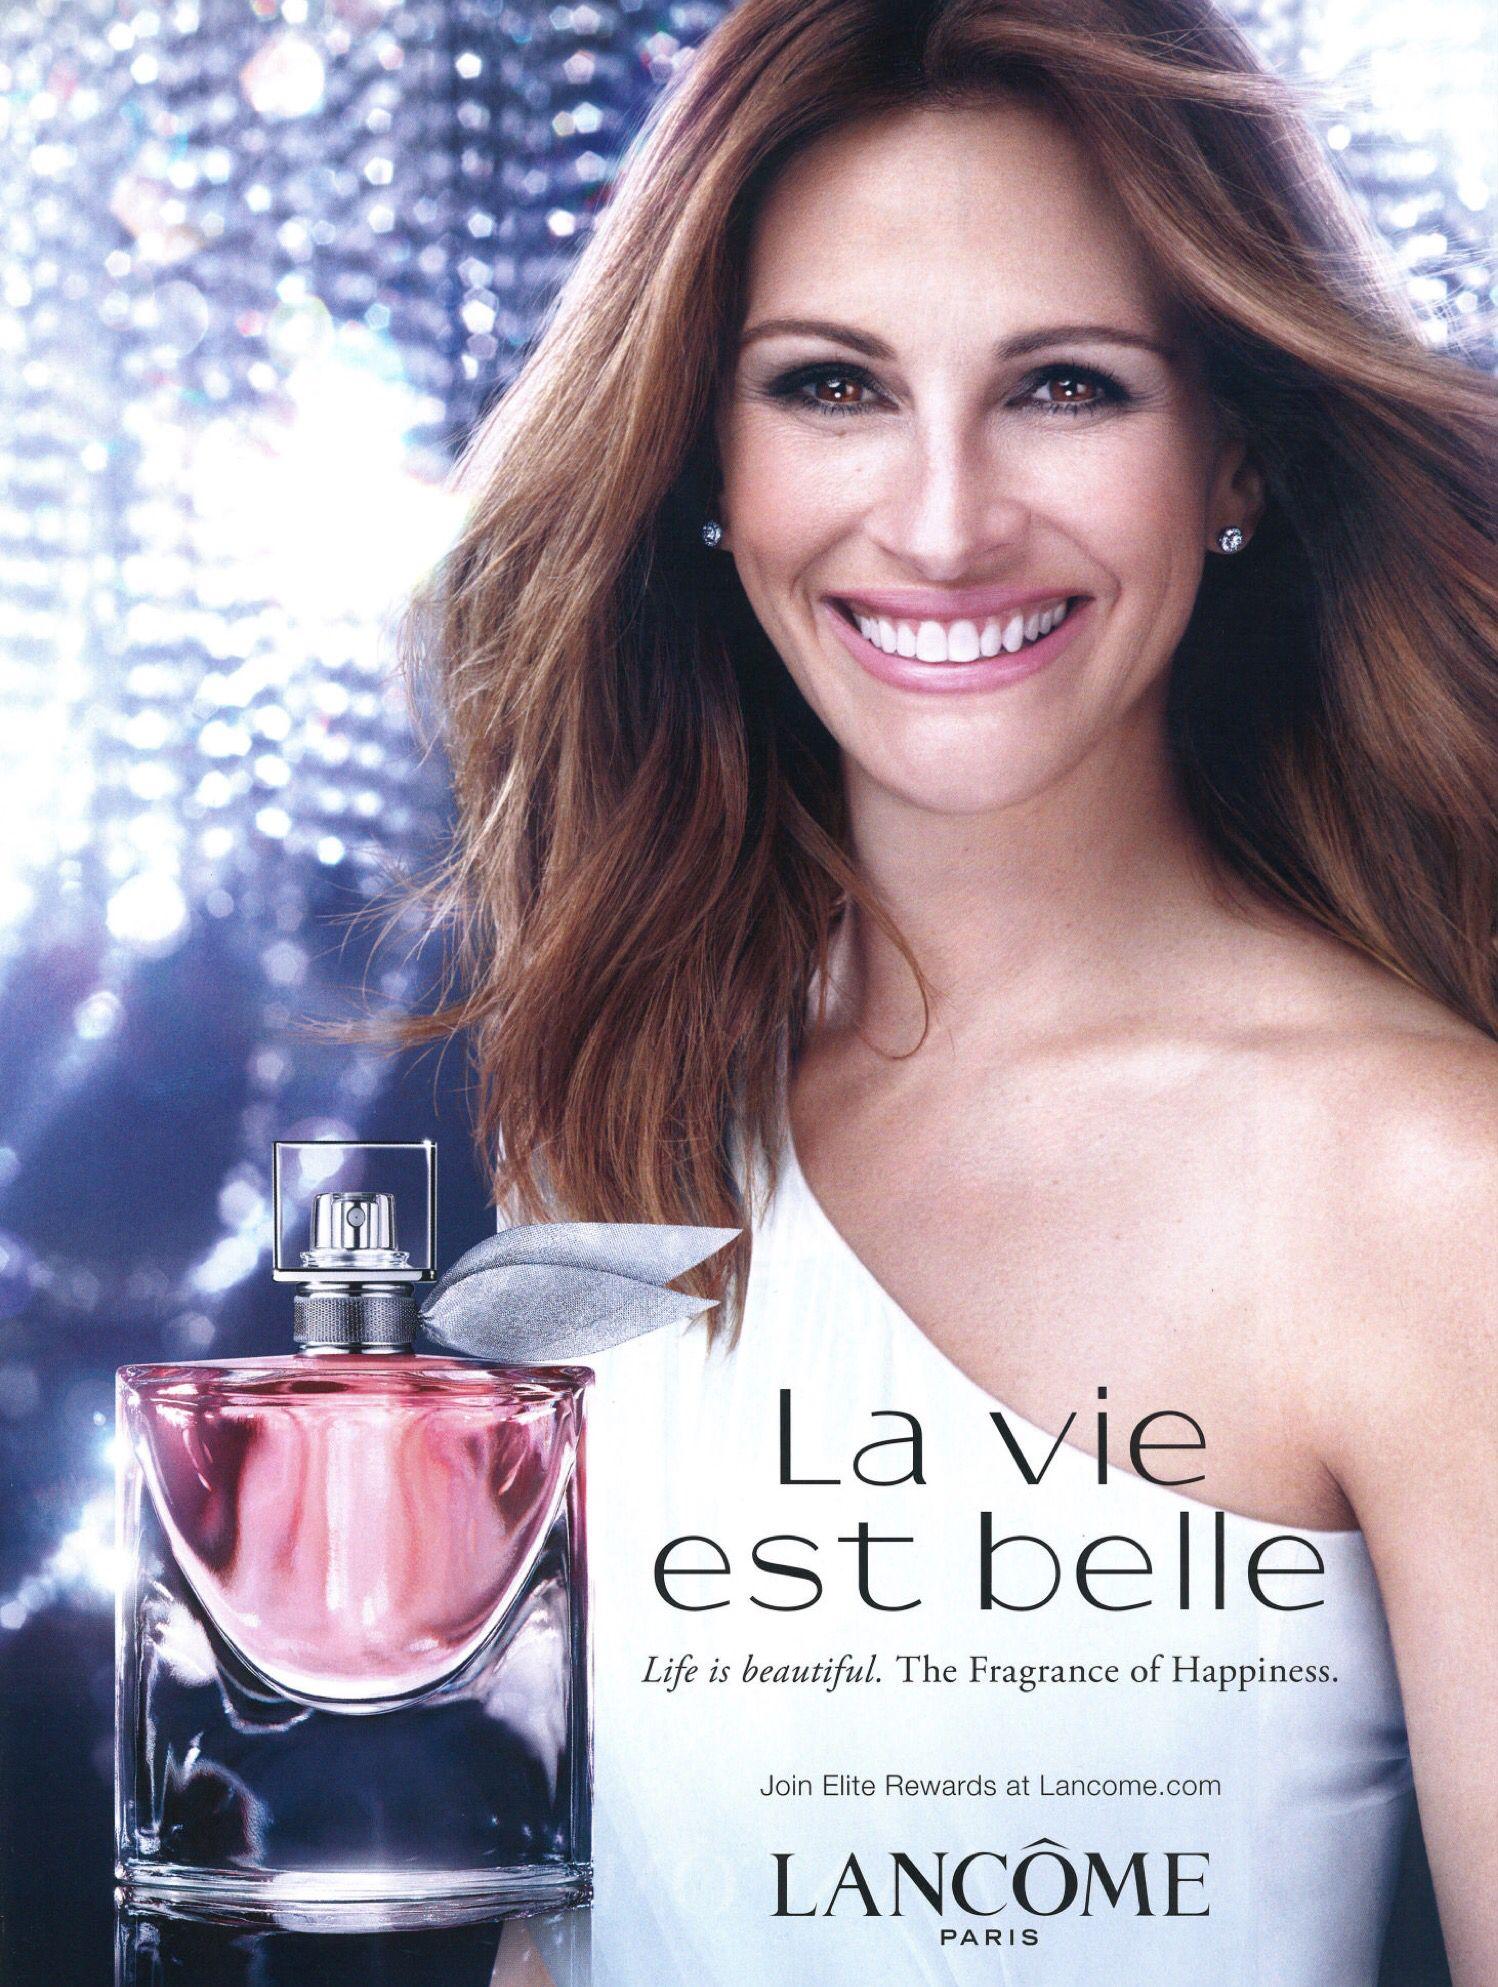 La Vie With Roberts Lancôme Perfume Est Julia Belle BCoedxQErW